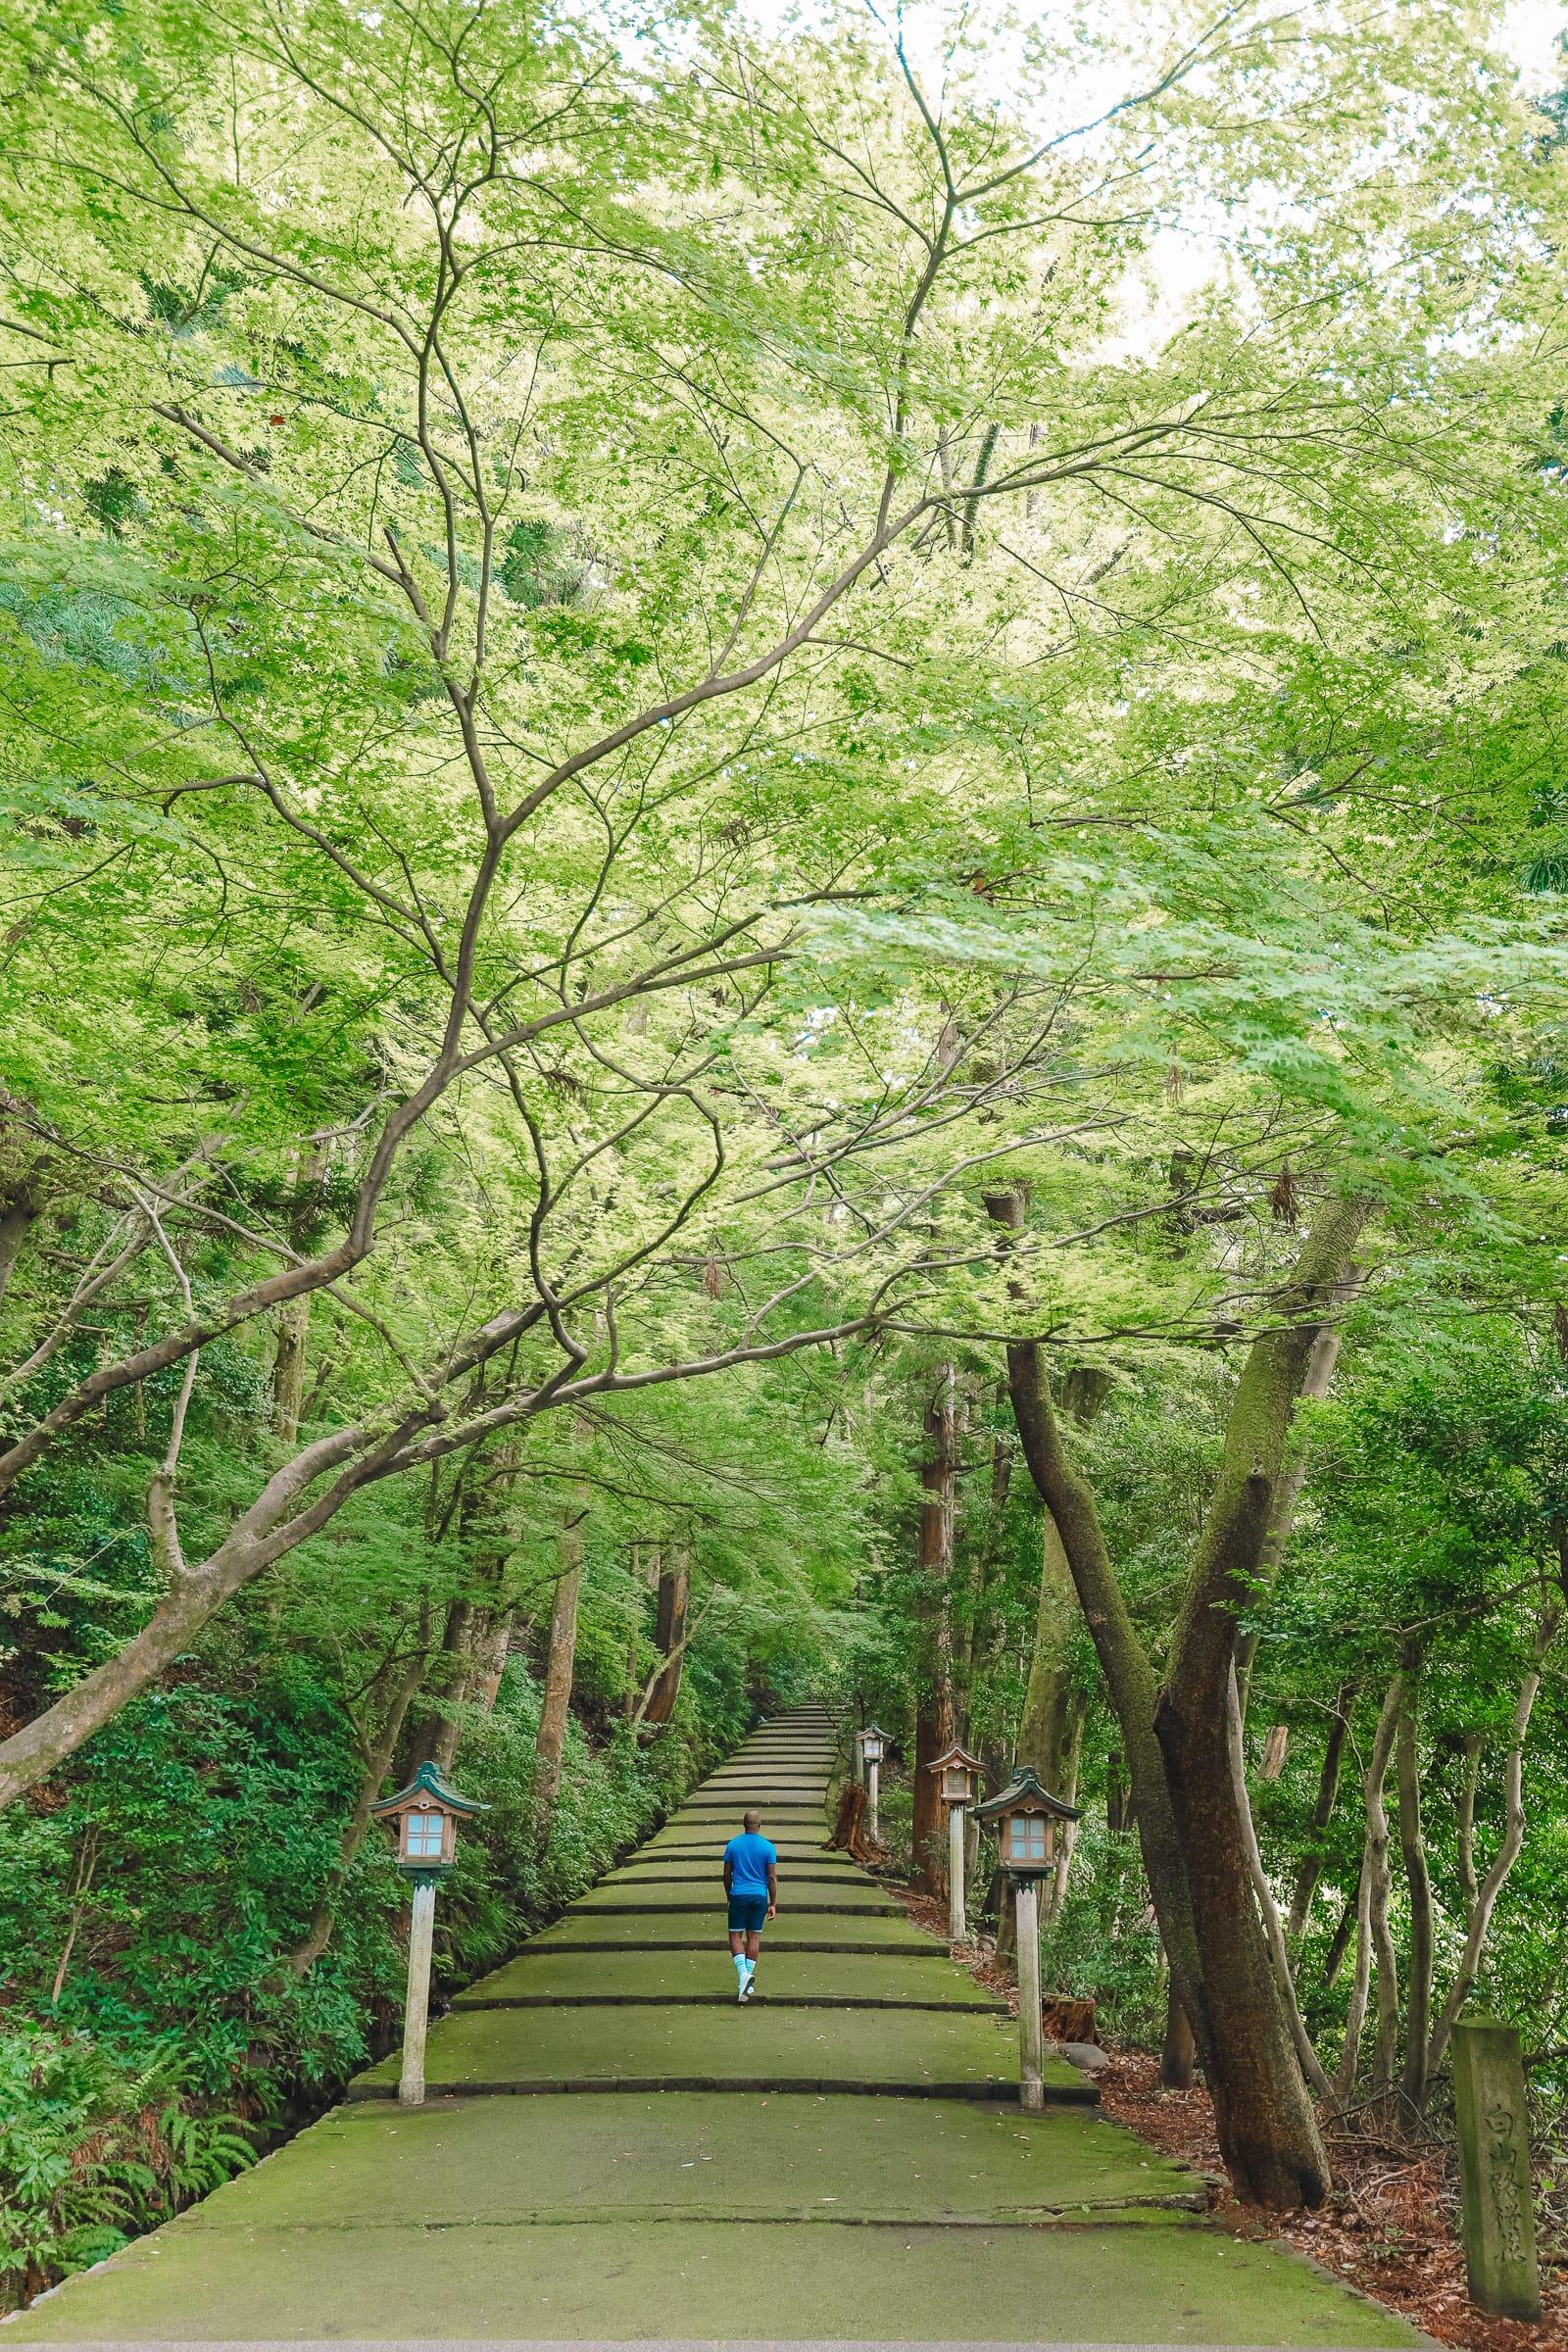 Finding The Samurai District Of Kanazawa and Hakusan City - Japan (33)